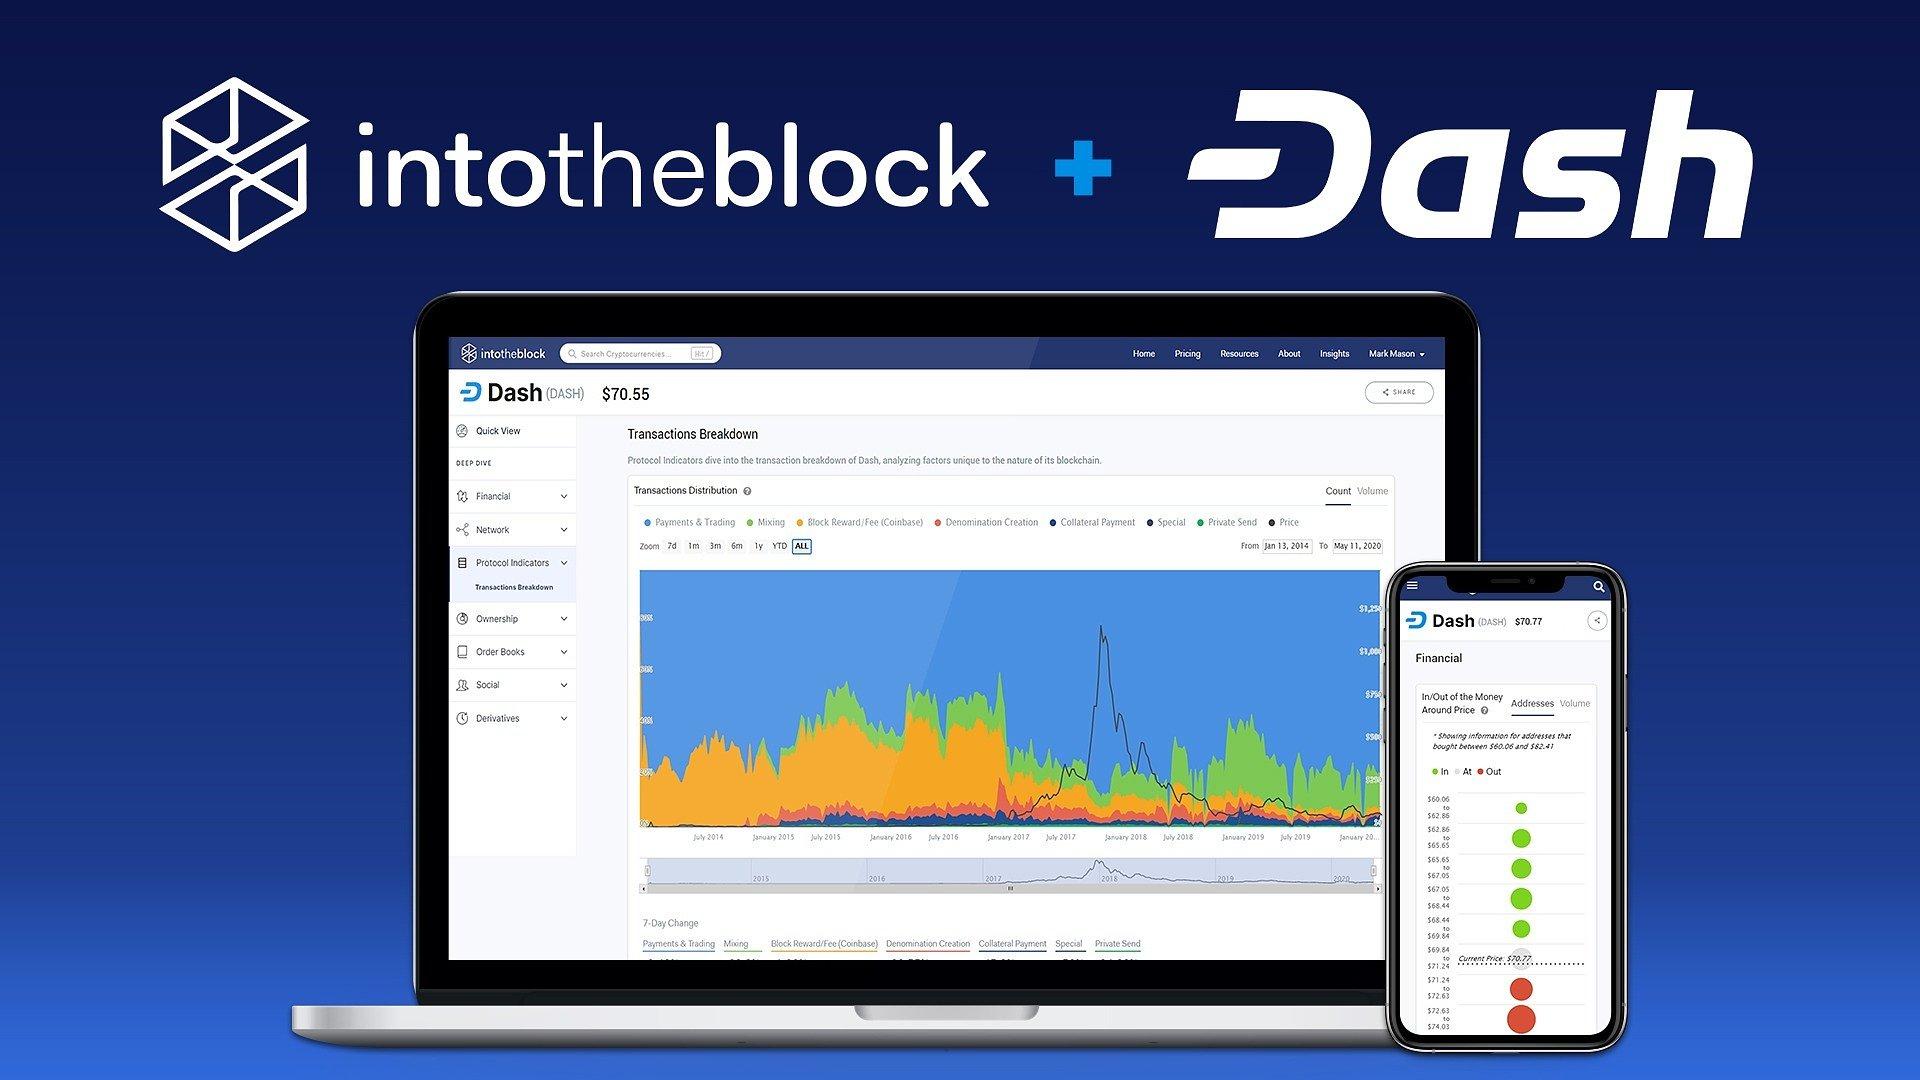 Dash and Analytics Platform IntoTheBlock Partner on Dash insights